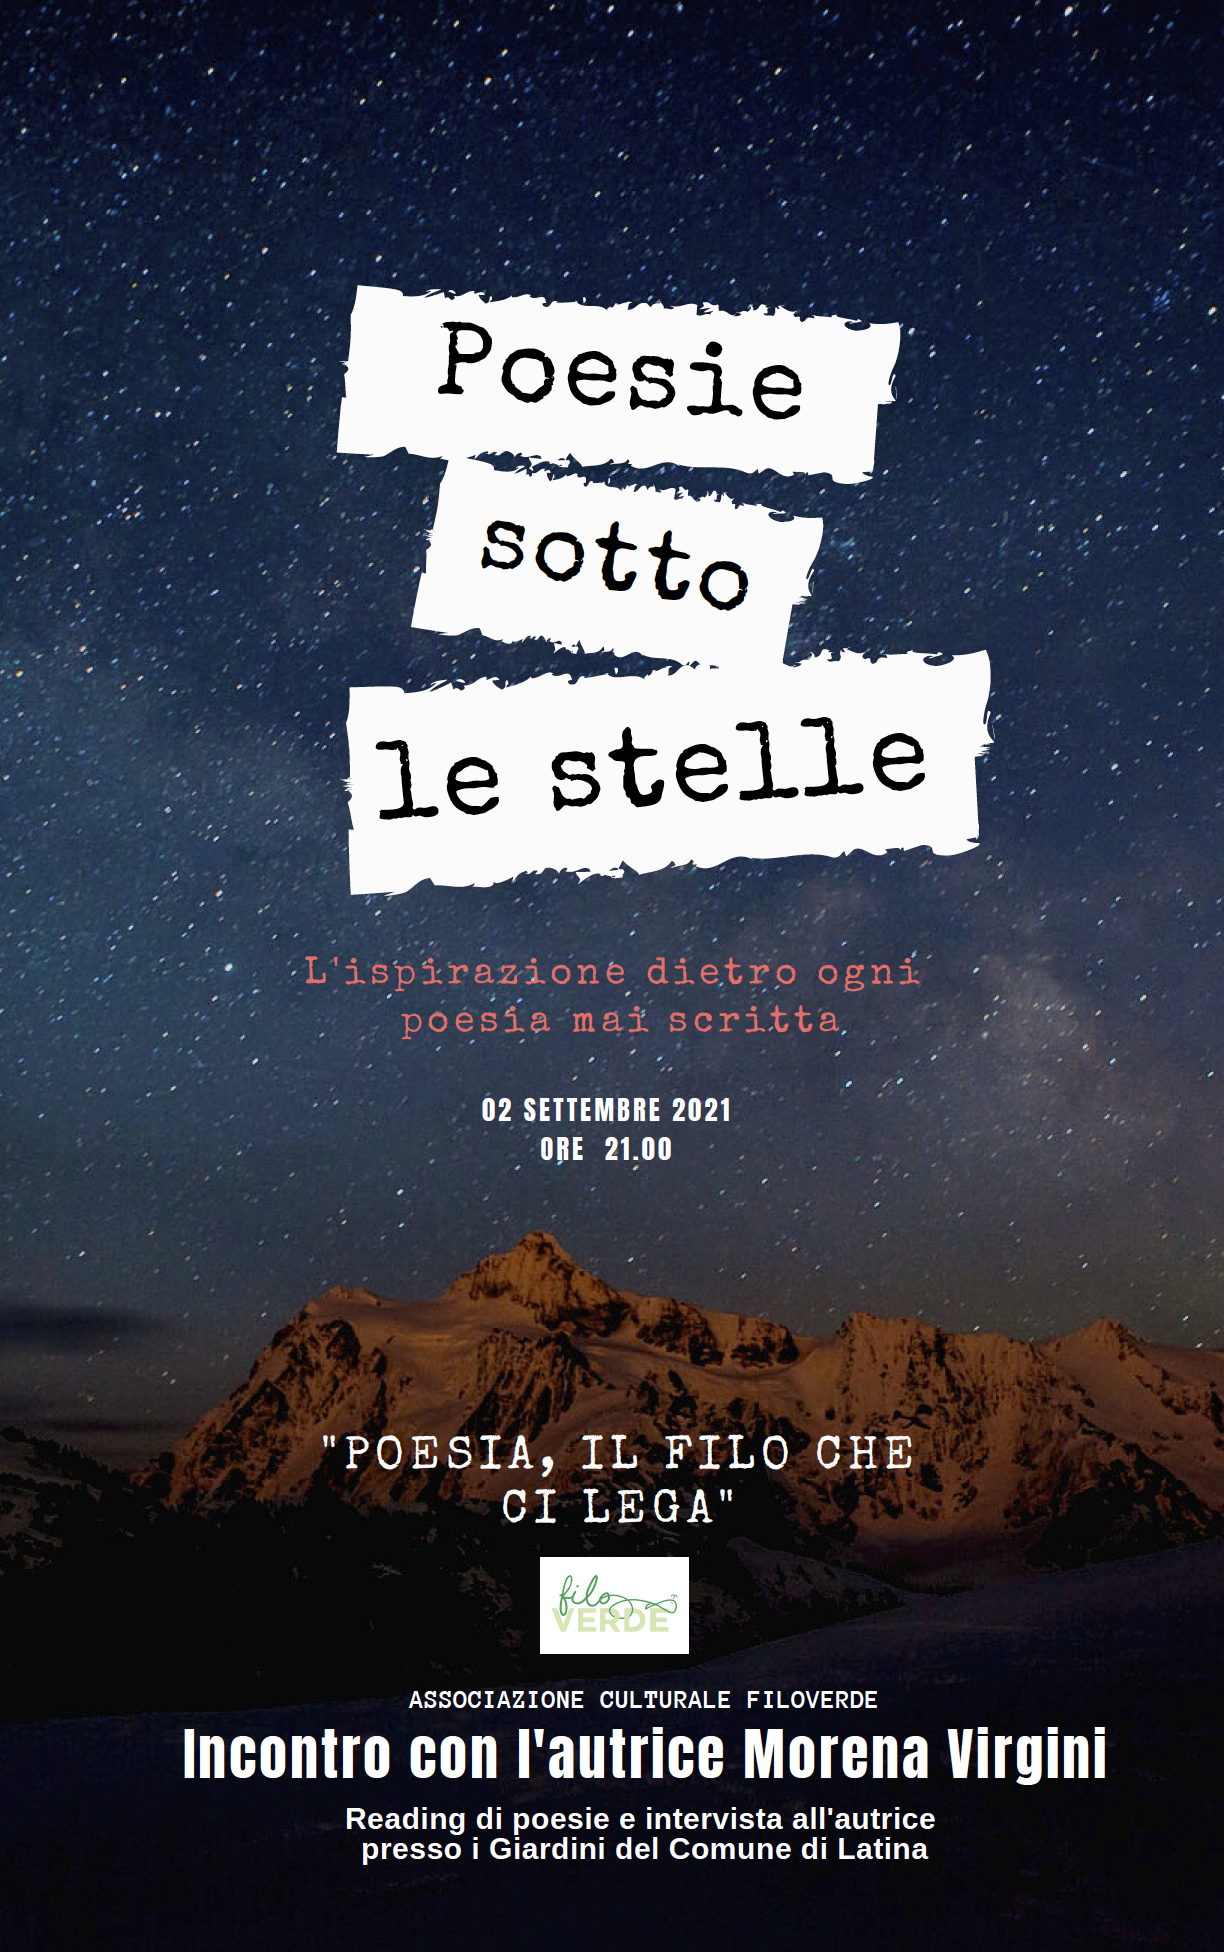 Poesia il filo che ci lega - Latina - 2 settembre 2021 - ore 9